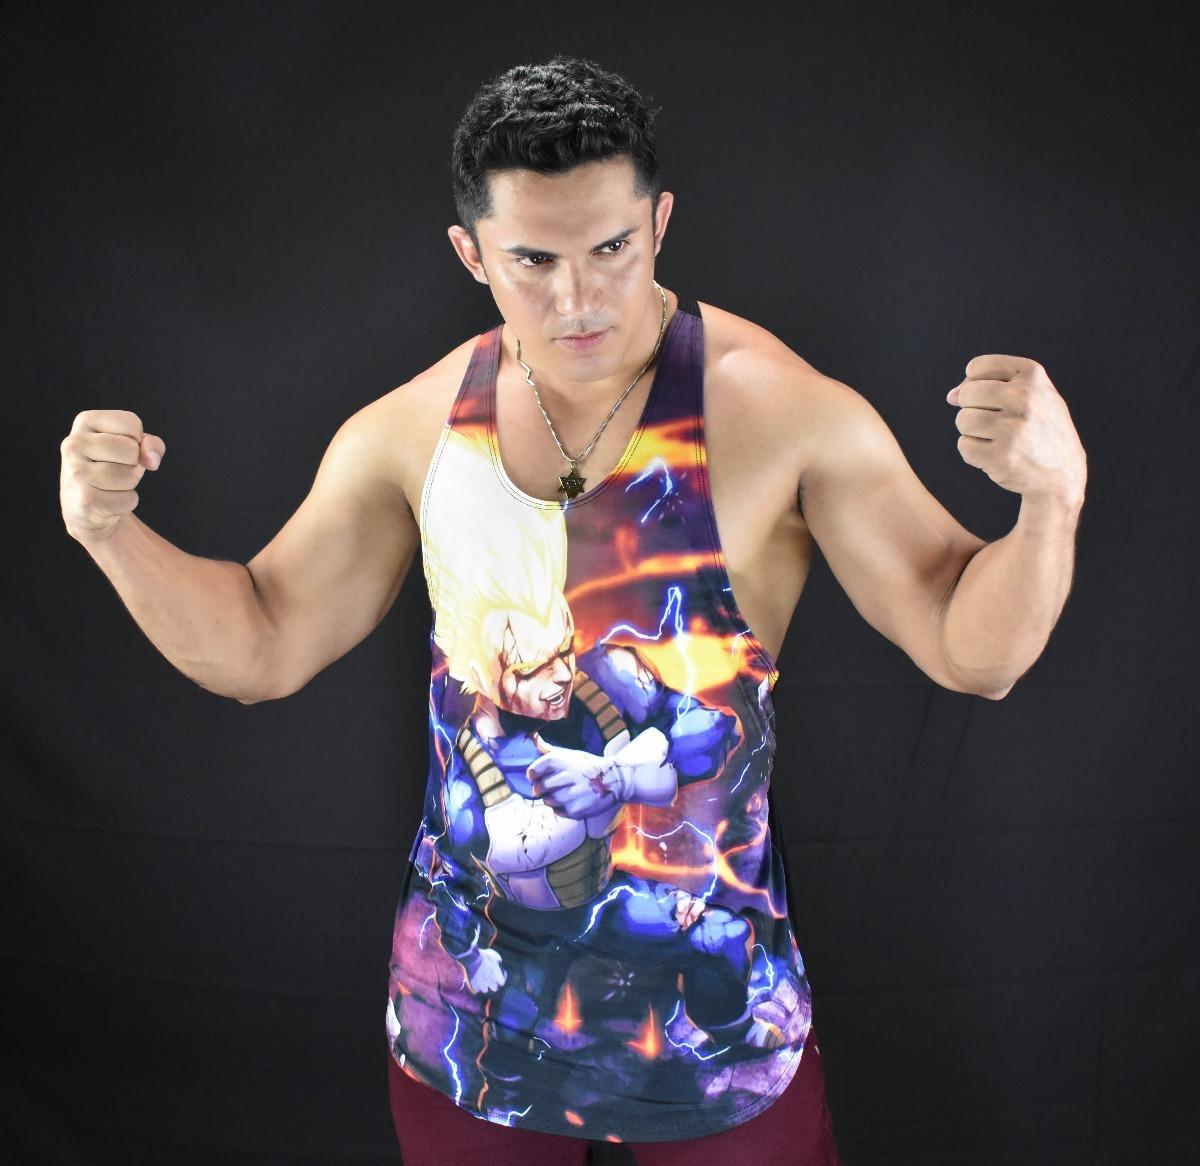 d735566ccccfe camiseta regata cavada vegeta dragonball musculação academia. Carregando  zoom.